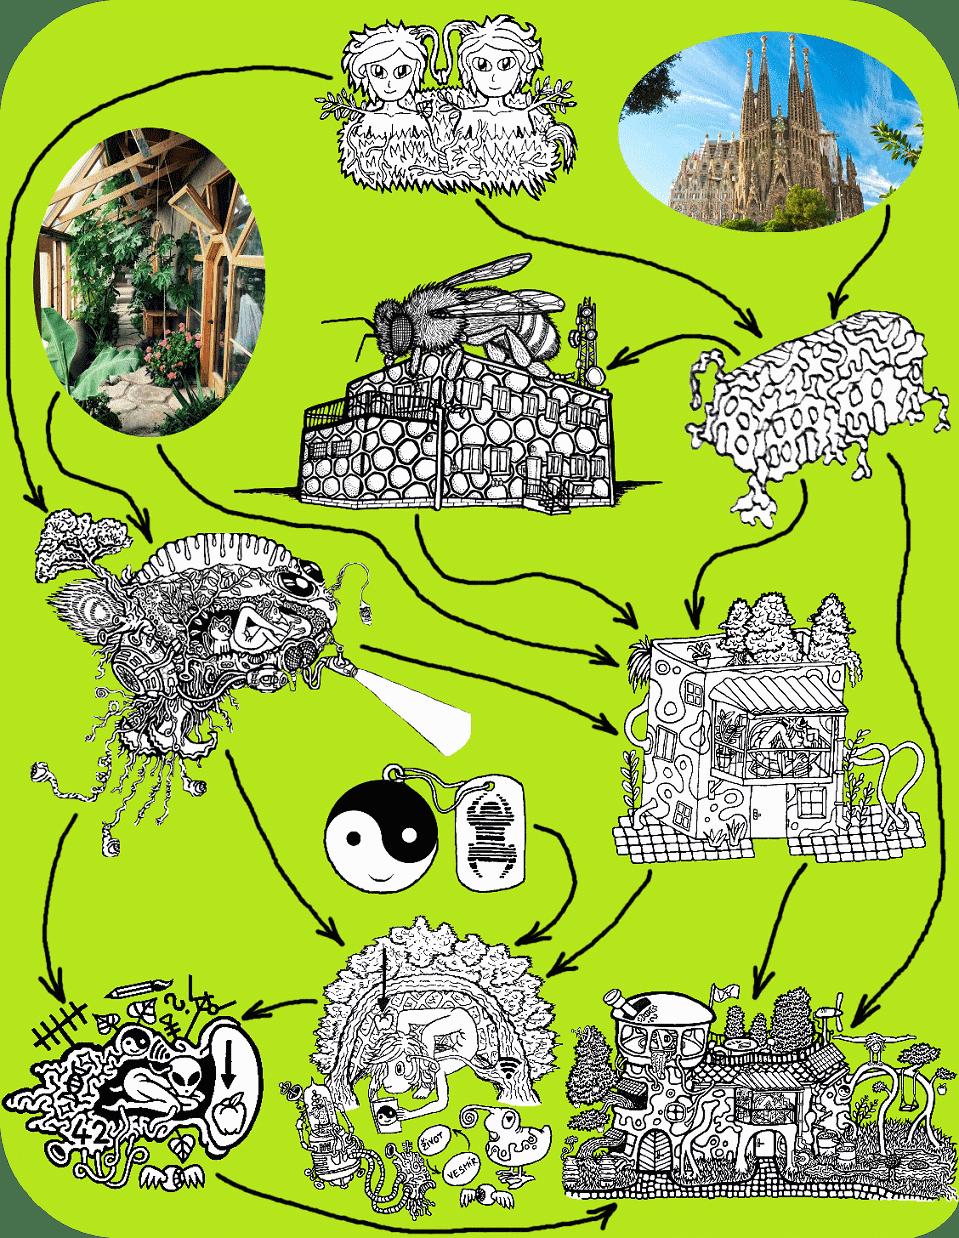 obrázek Evoluce wesmírodivných domečků, autor Sebastián Wortys